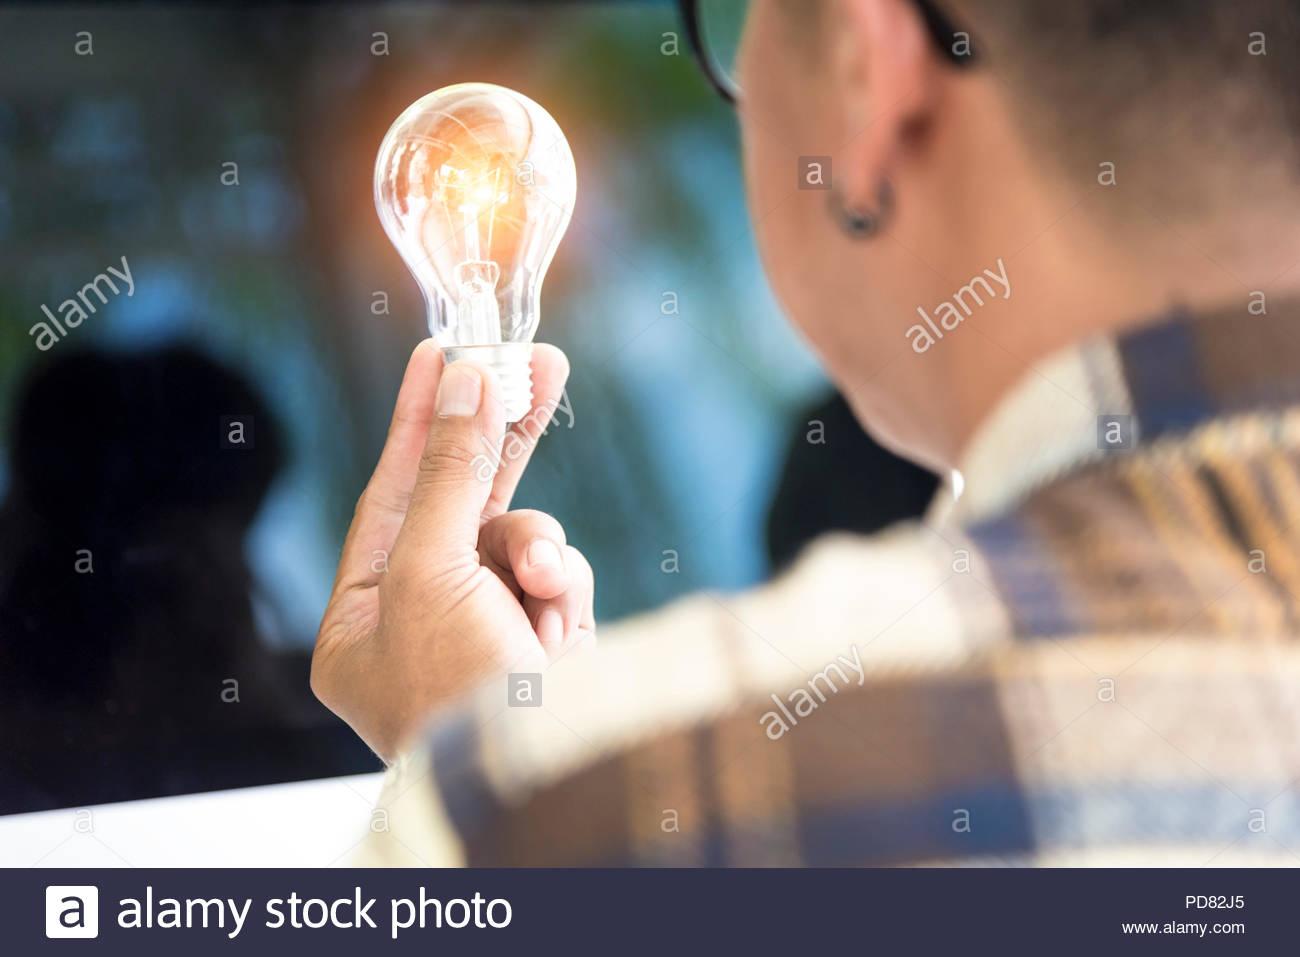 Diseñador creativo mirando la bombilla para pensar la nueva innovación idea Imagen De Stock